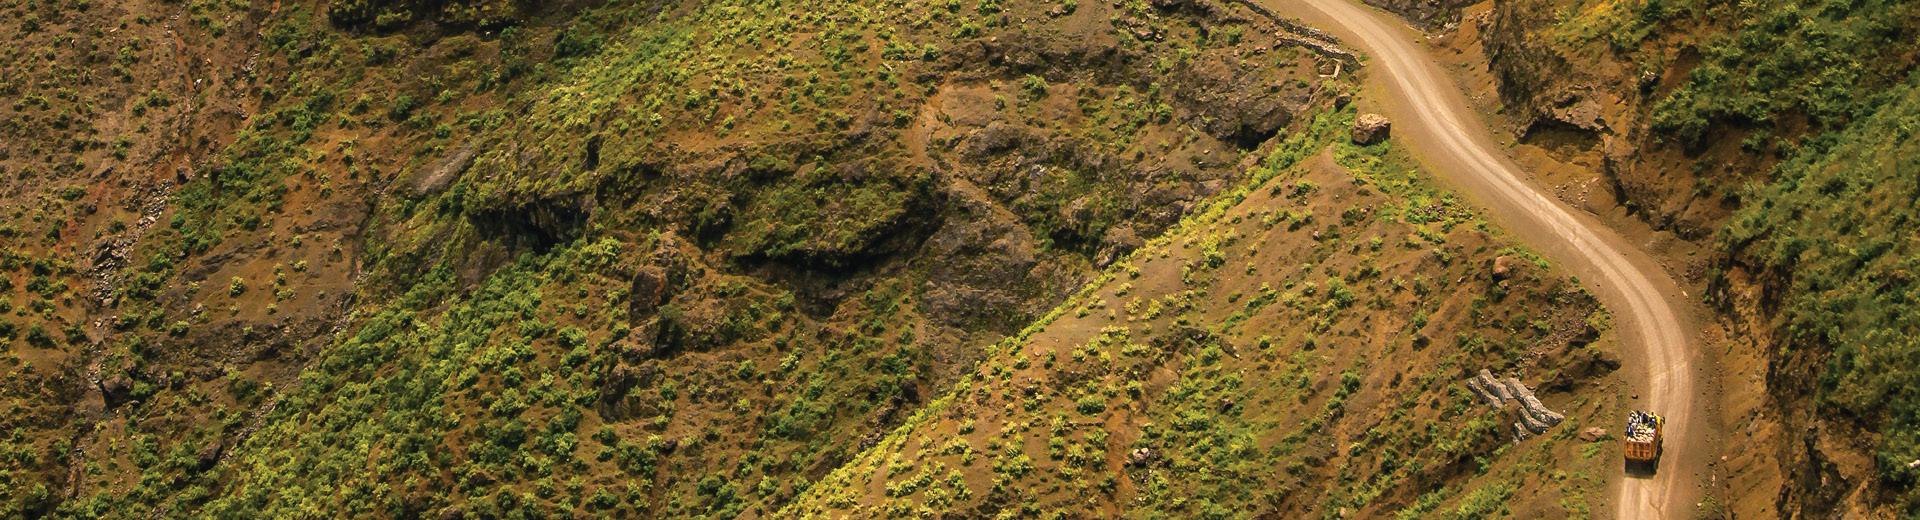 indagare insider journey ethiopia